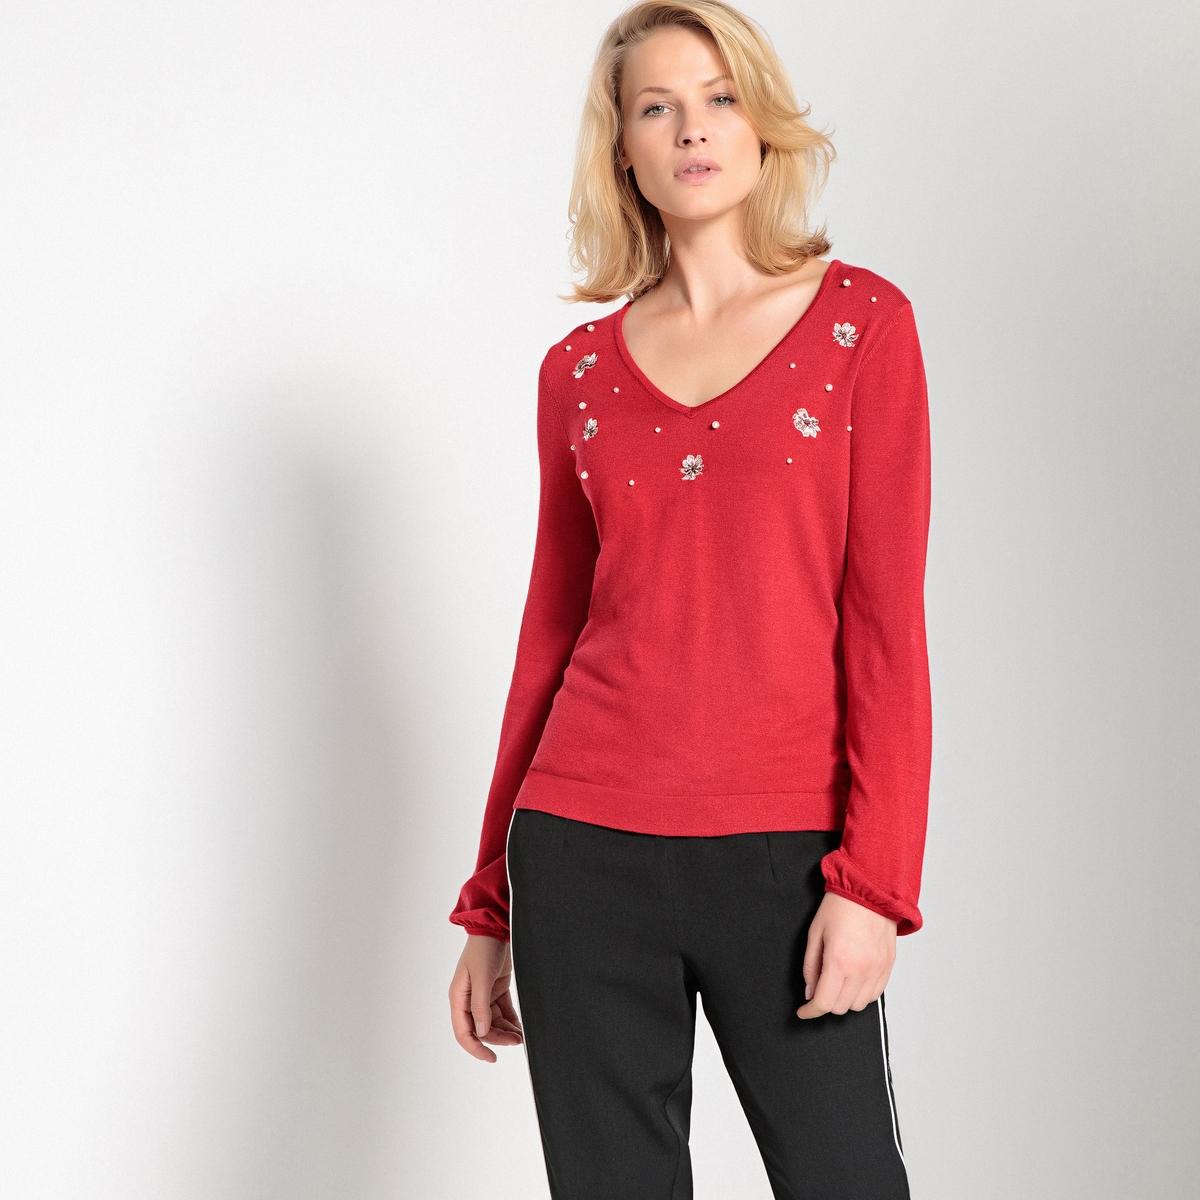 Sweter z dekoltem V, z wyszyciami i ozdobnymi koralikami z przodu